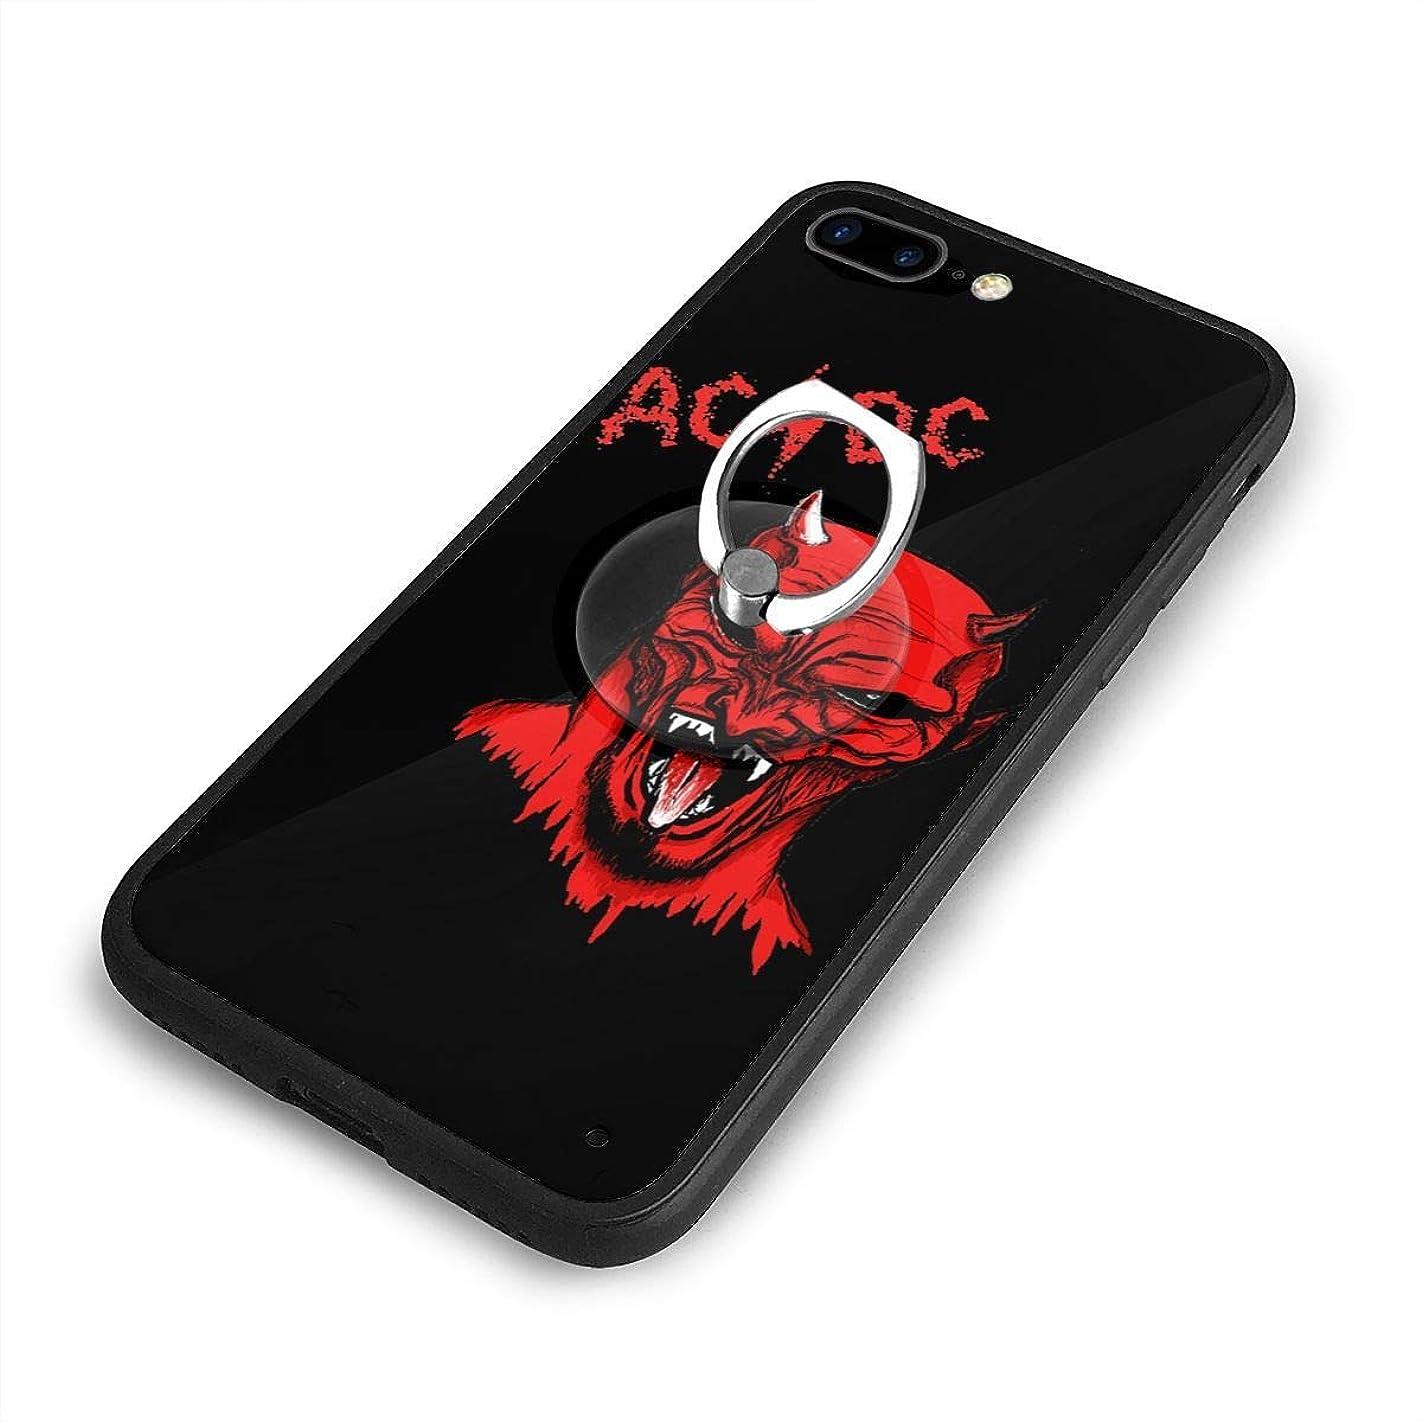 カヌー受賞受信Dioul_s iPhone 7/8 Plusケースリングブラケット 携帯カバー 創意デザイン軽量 傷つけ防止 360°回転ブラケット 携帯ケース PC 衝撃防止 全面保護